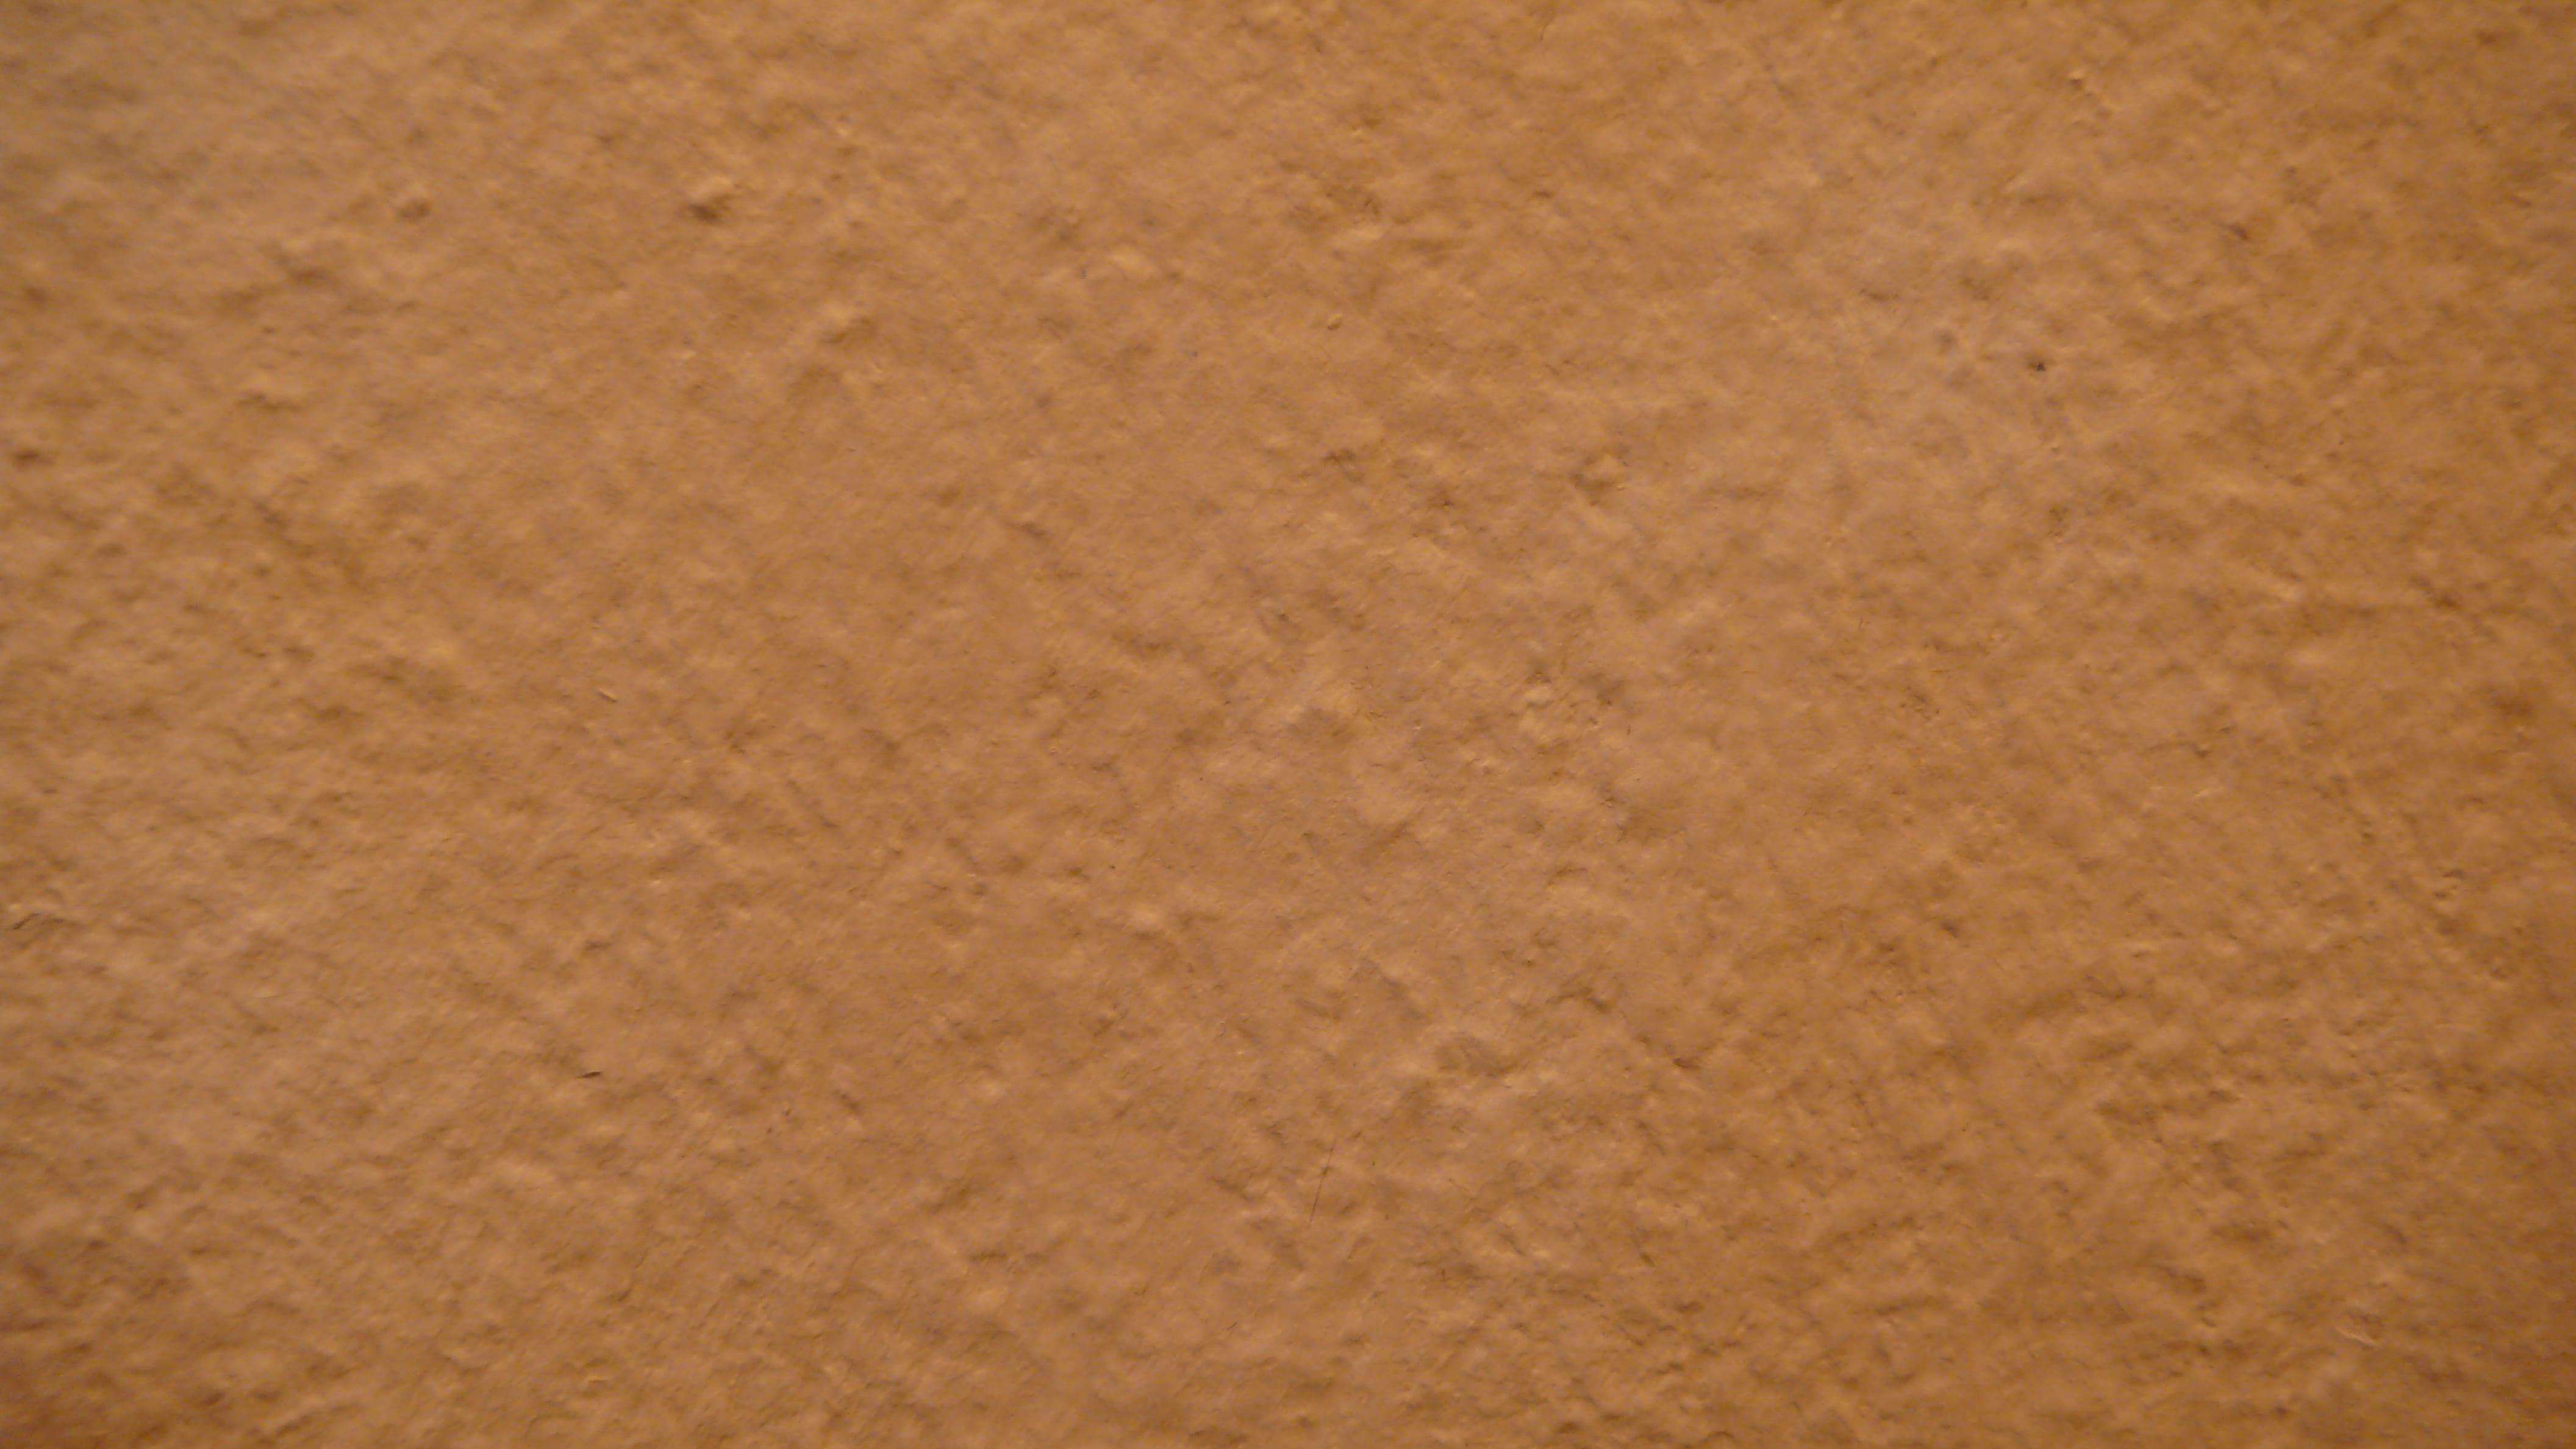 Enlever papier peint coll directement sur placo - Enlever colle tapisserie avant peinture ...